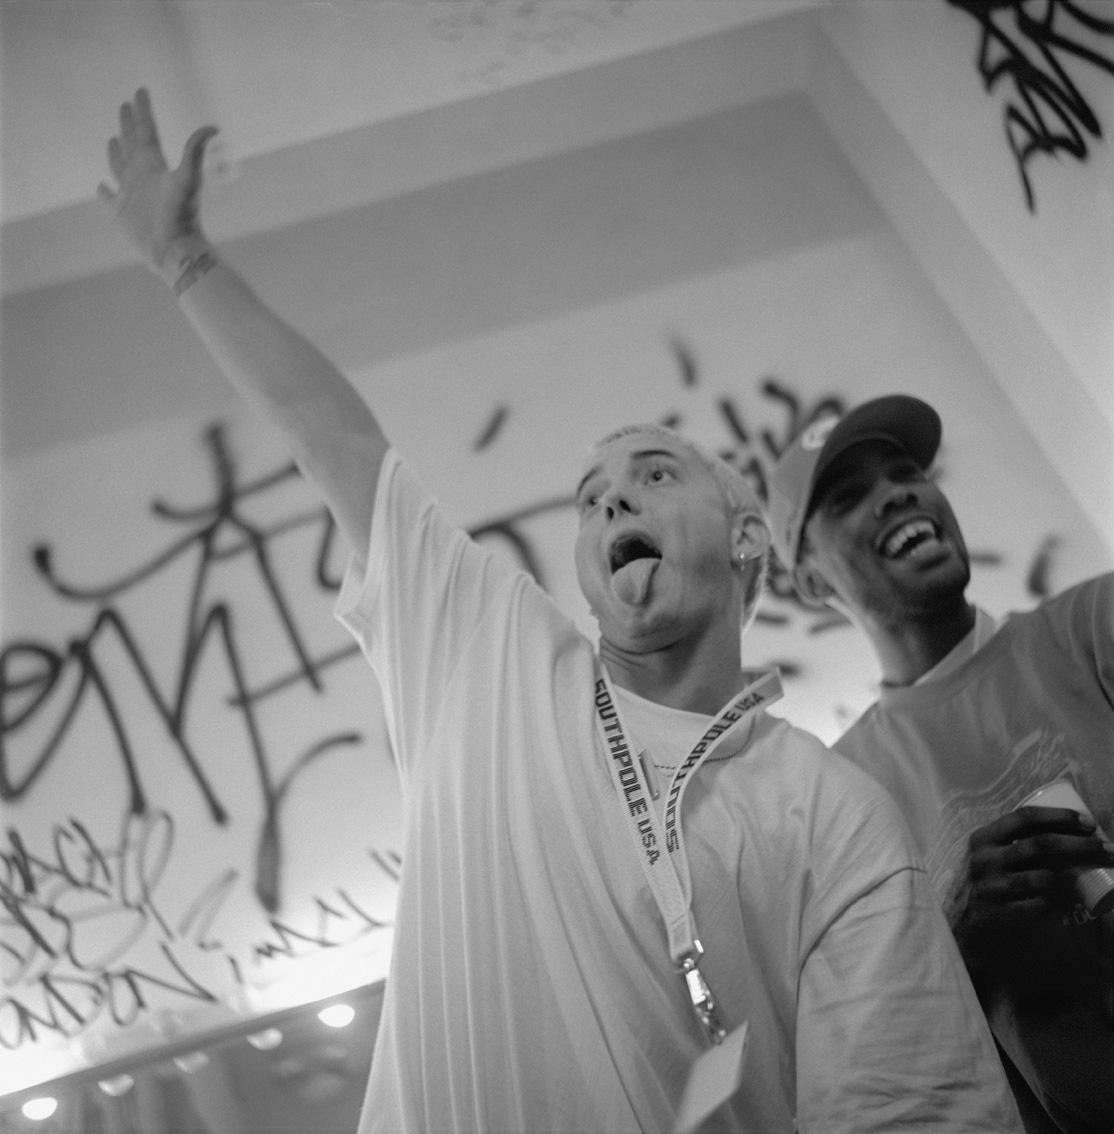 С Днём Рождения, Eminem!